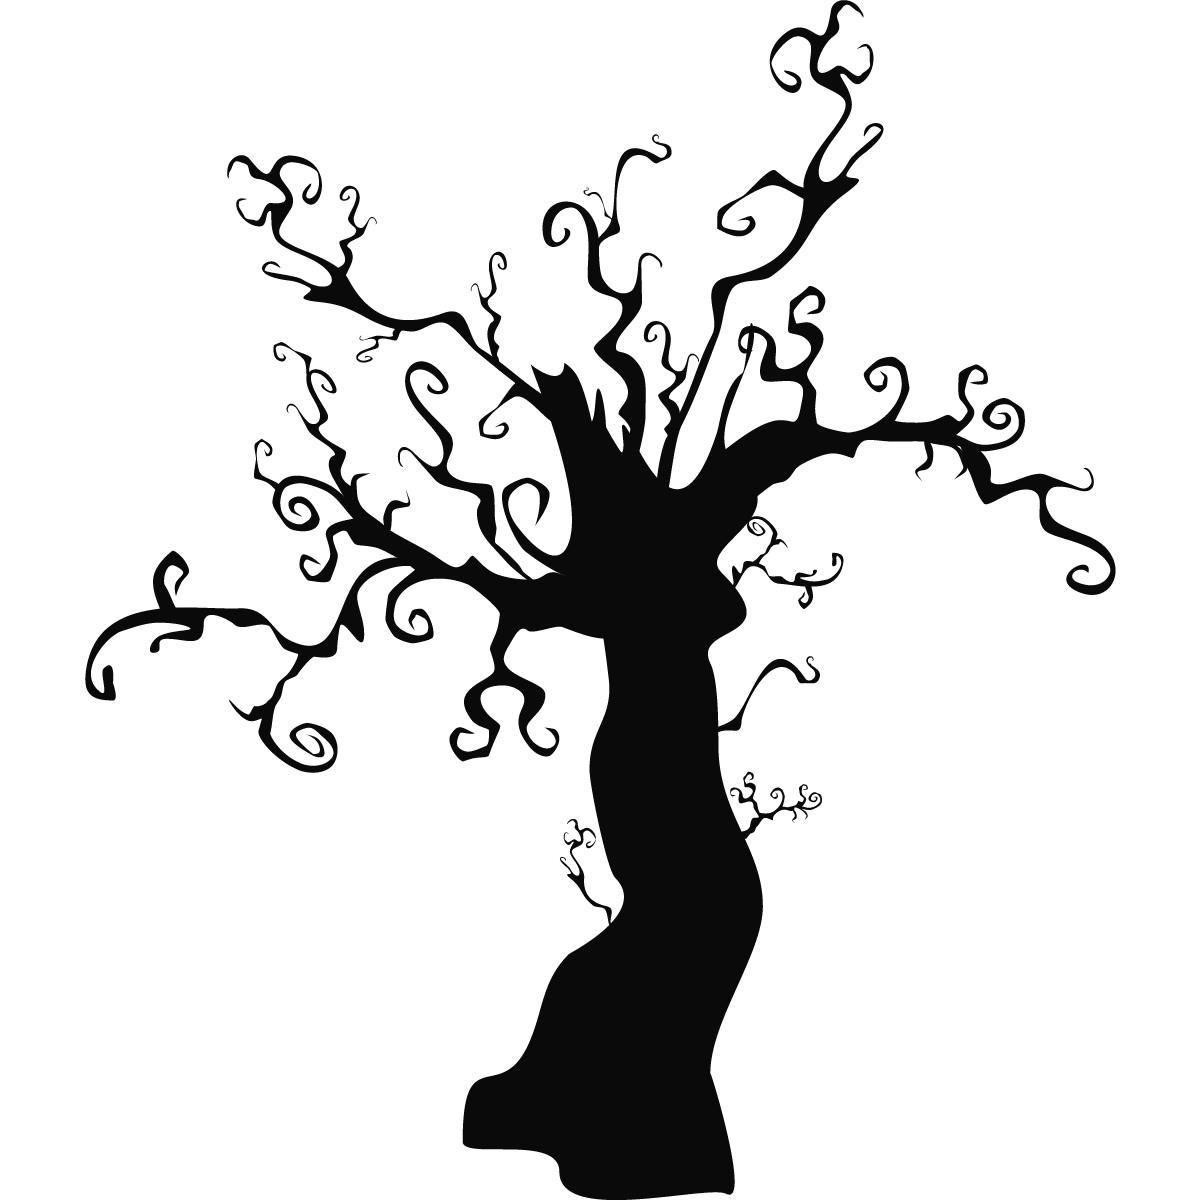 Spooky Halloween Tree Silhouette At Getdrawings